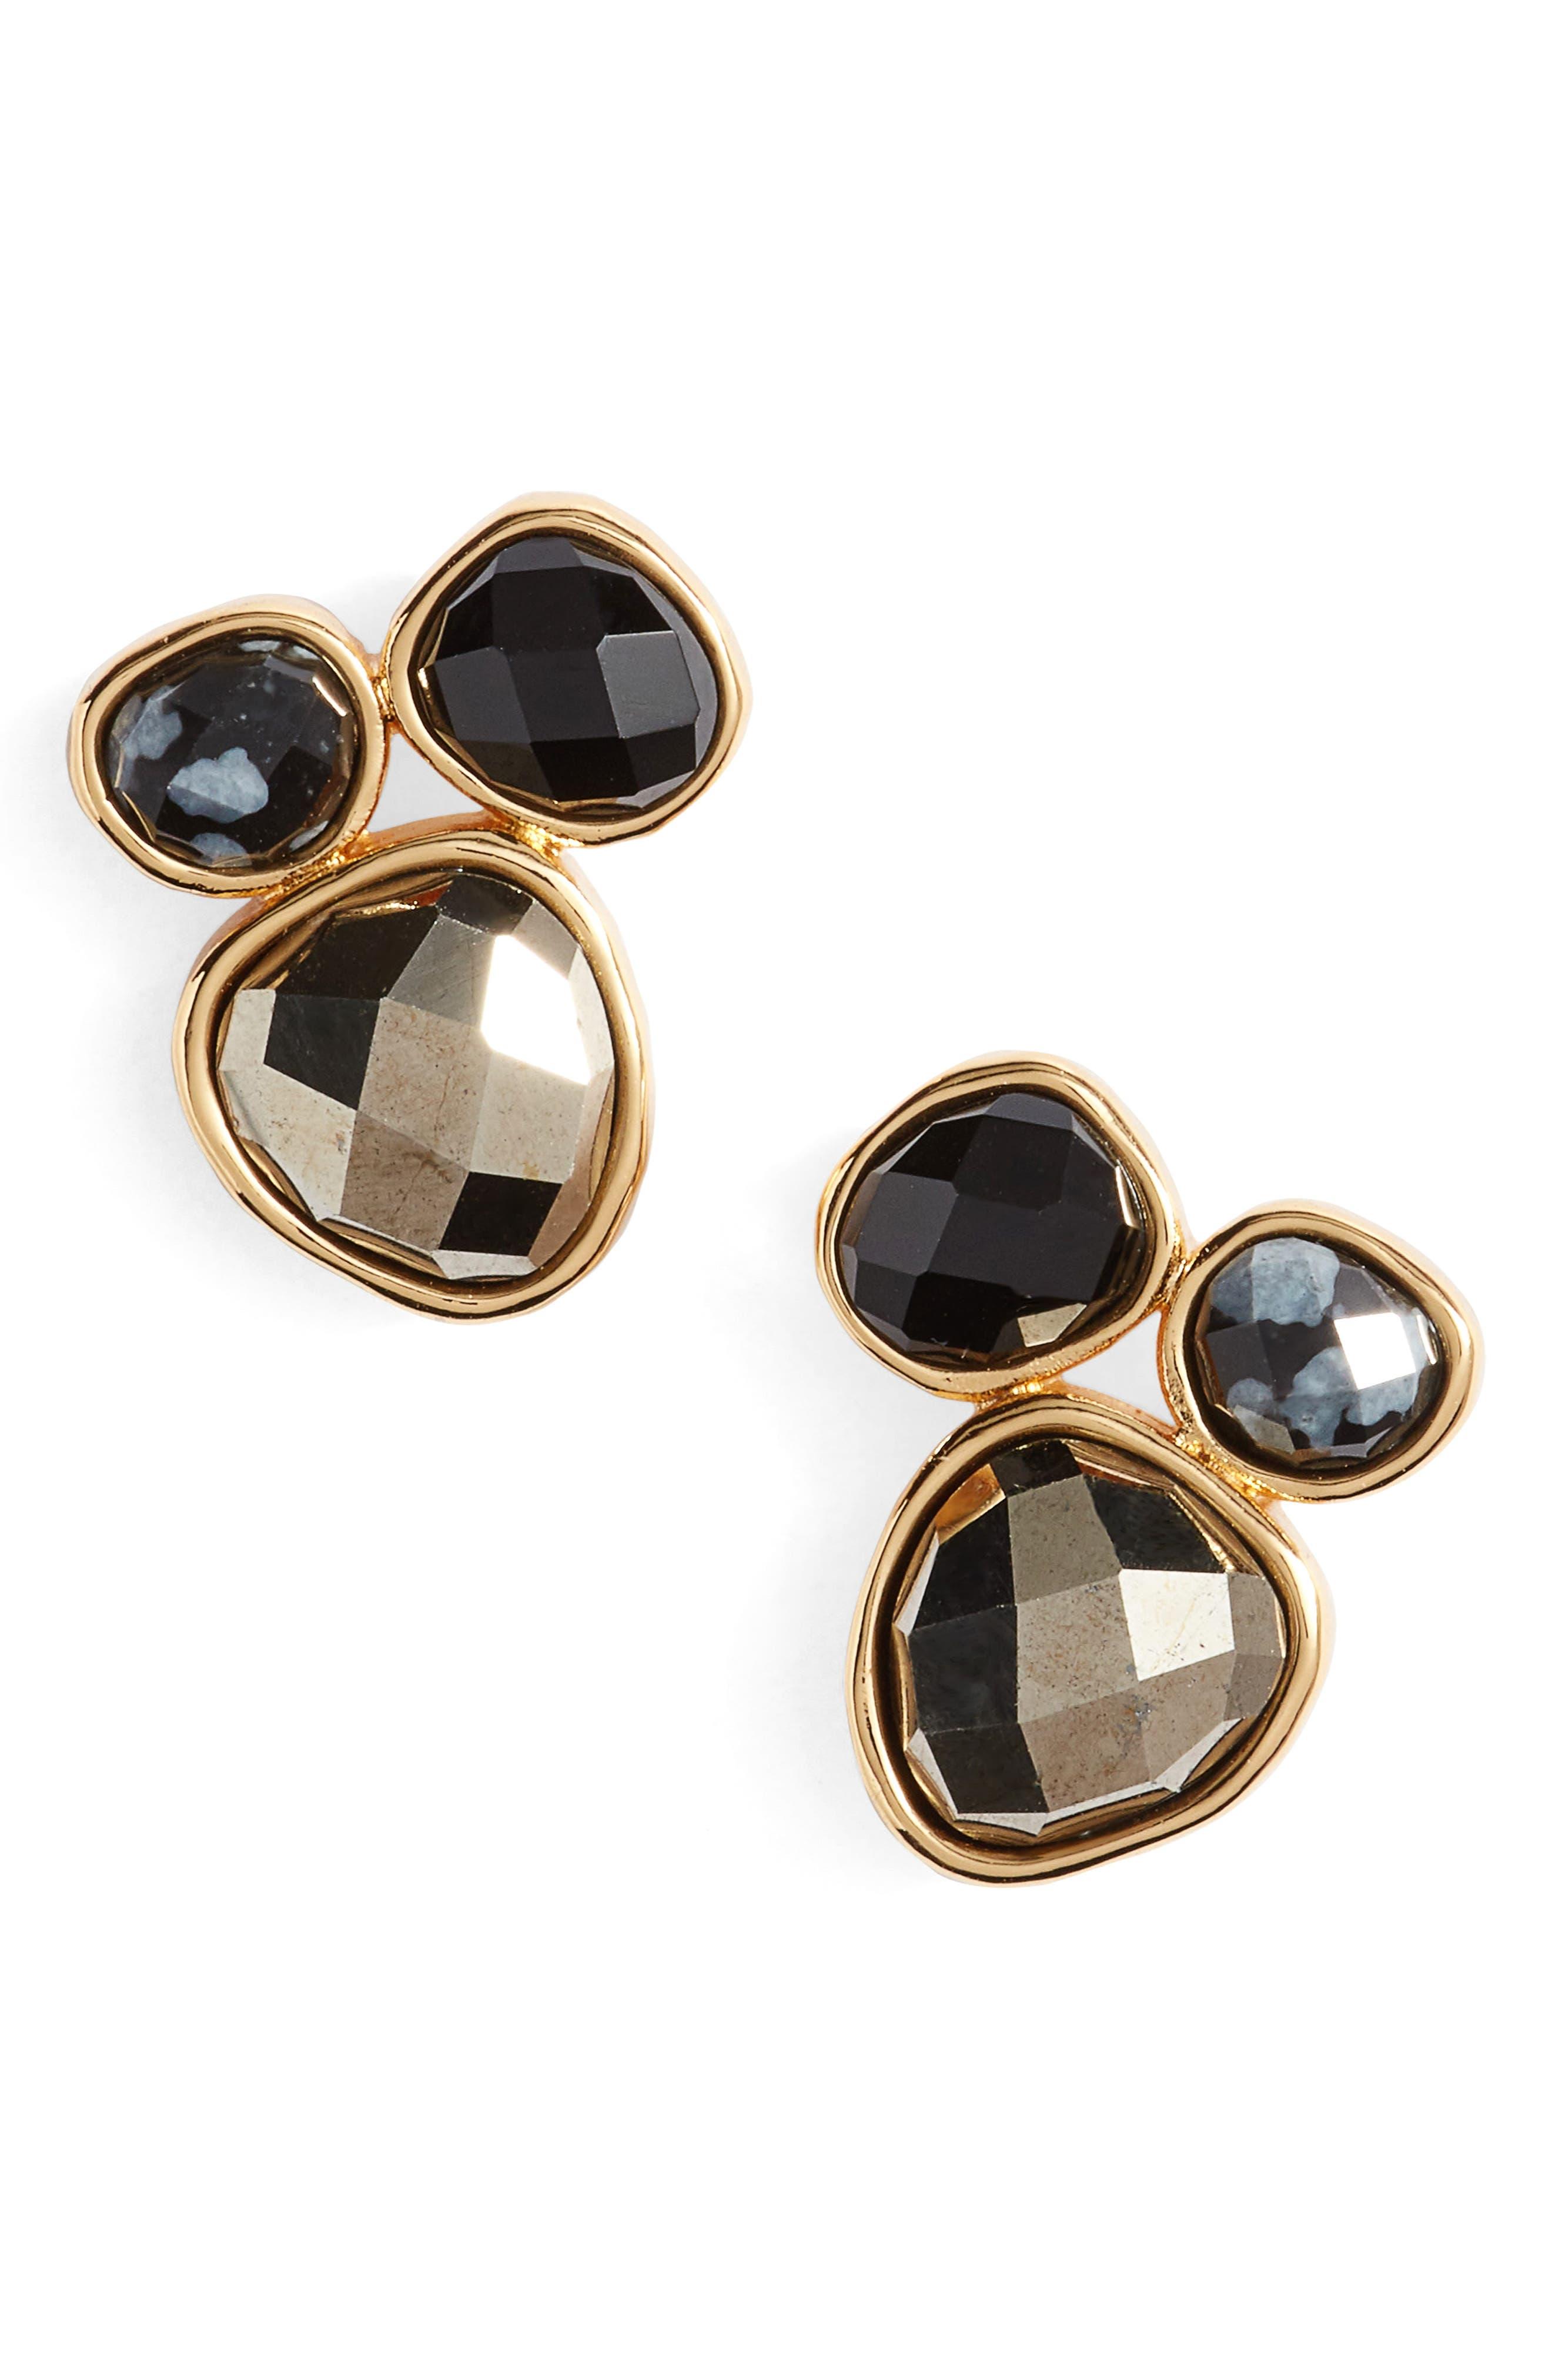 gorjana Lola Semiprecious Stone Stud Earrings